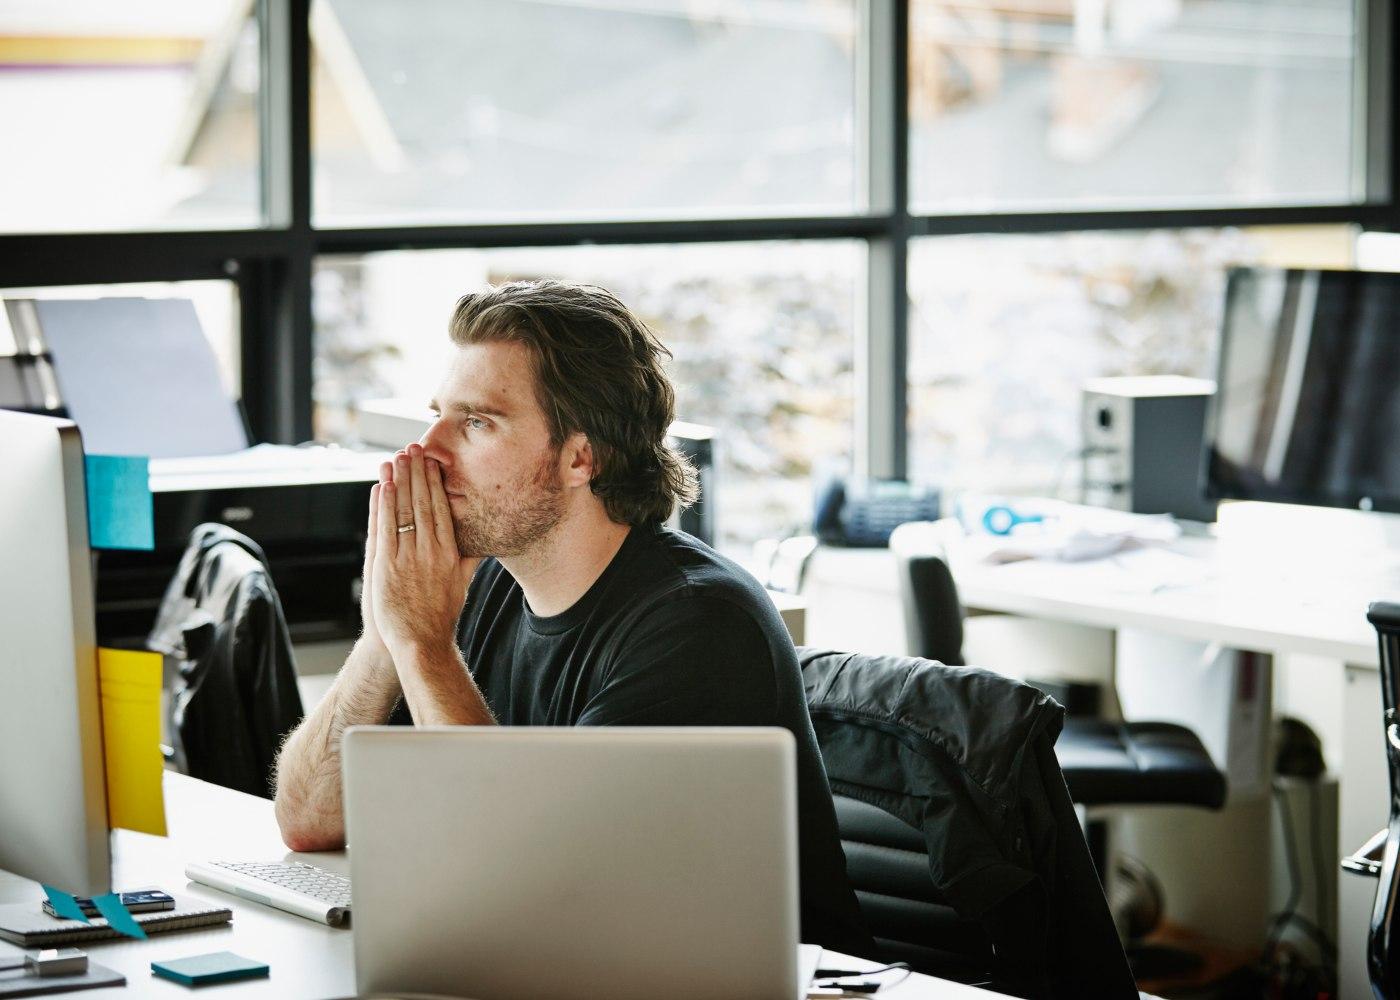 homem a trabalhar pensativo a considerar as resoluções de carreira